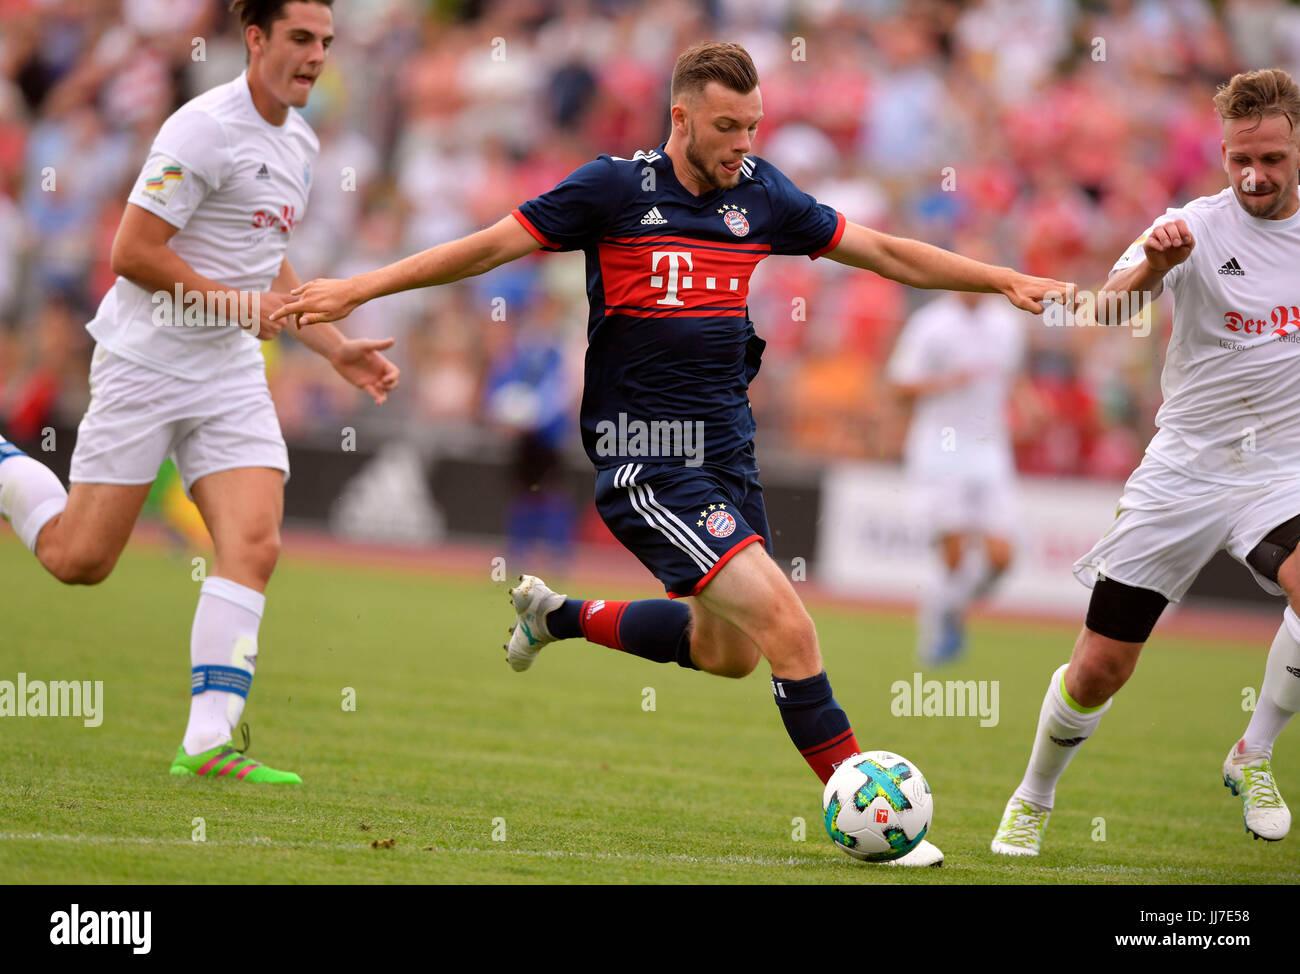 09.07.2017, Fussball 1.Bundesliga 2017/2018, Saisonvorbereitung, FSV Erlangen Bruck - FC Bayern München, im - Stock Image